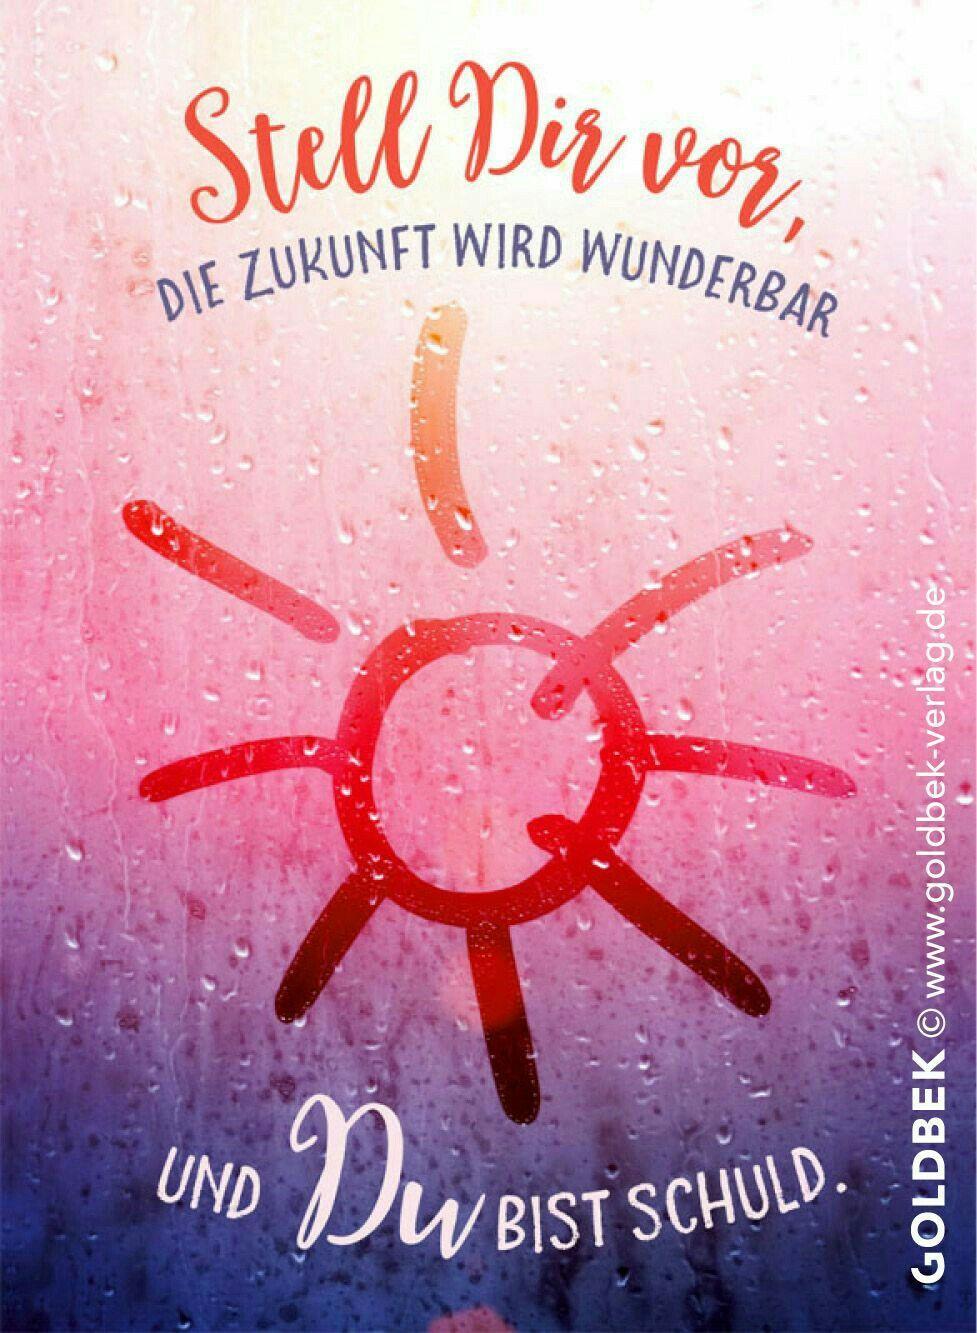 Pin von Karin Schlosser auf Sprüche | Pinterest | Sprüche, Zitat und ...